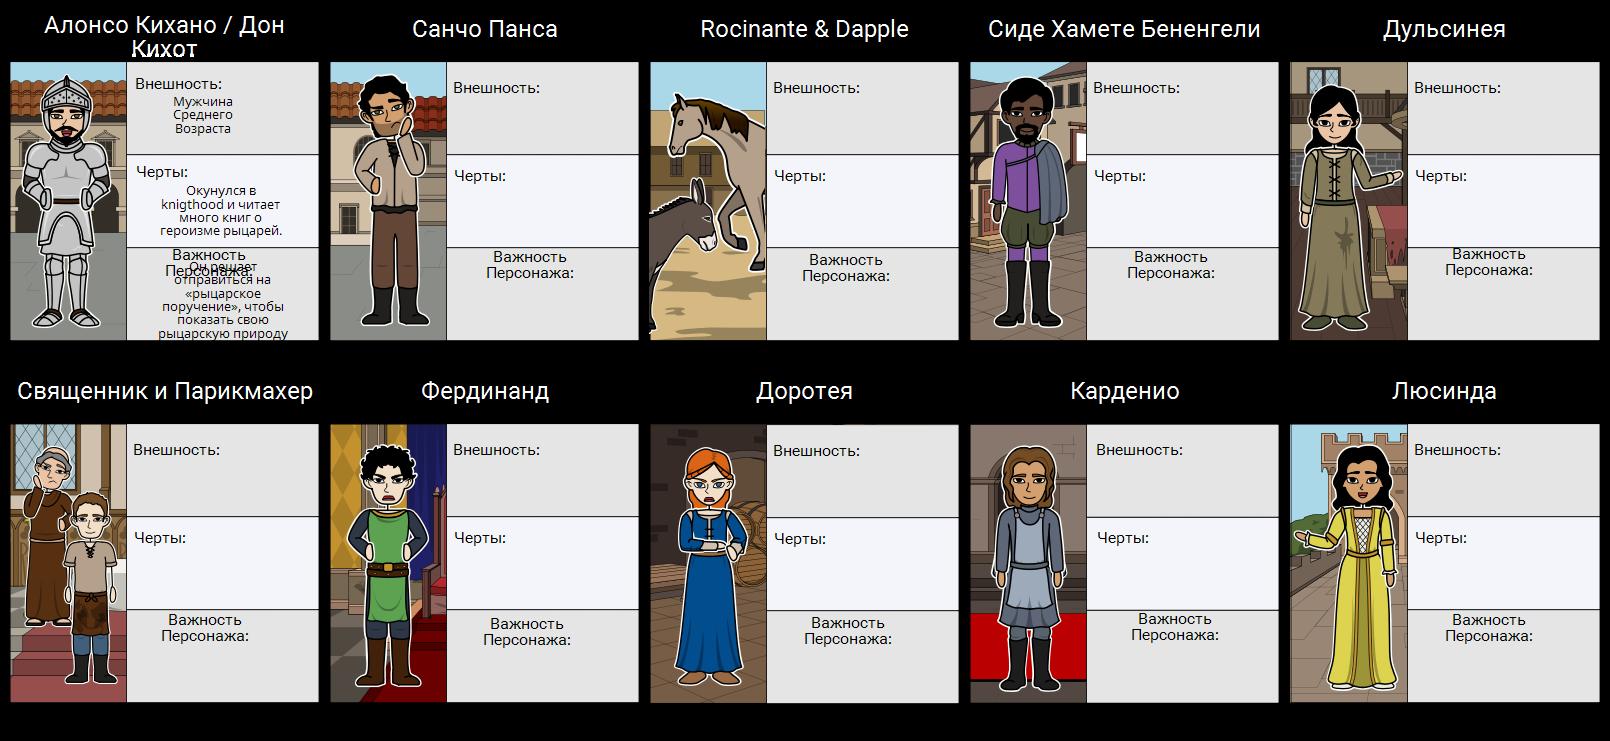 Дон Кихот Character Map Графический Организатор